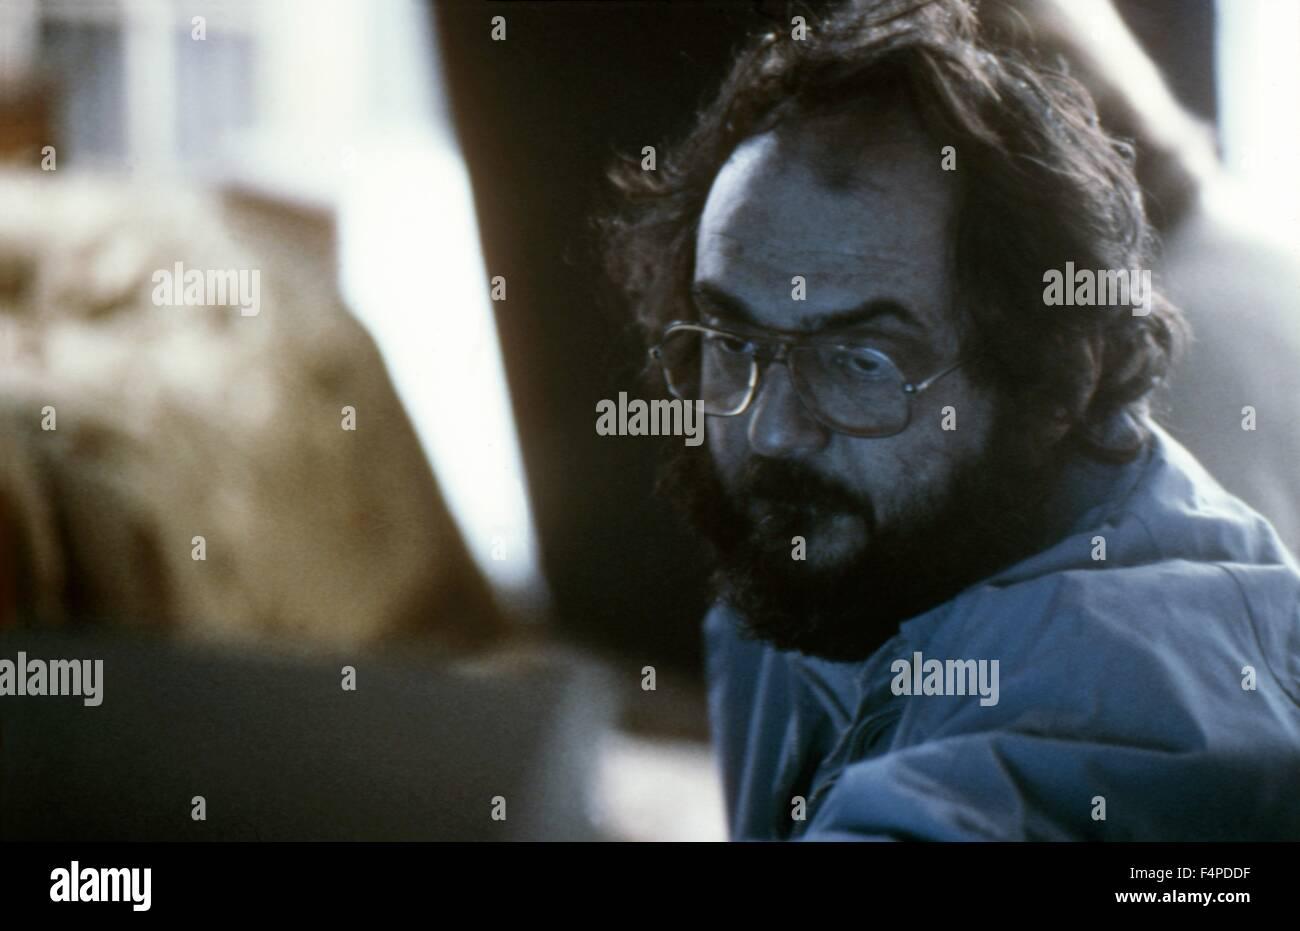 Stanley Kubrick / resplandeciente de 1980 dirigida por Stanley Kubrick Imagen De Stock